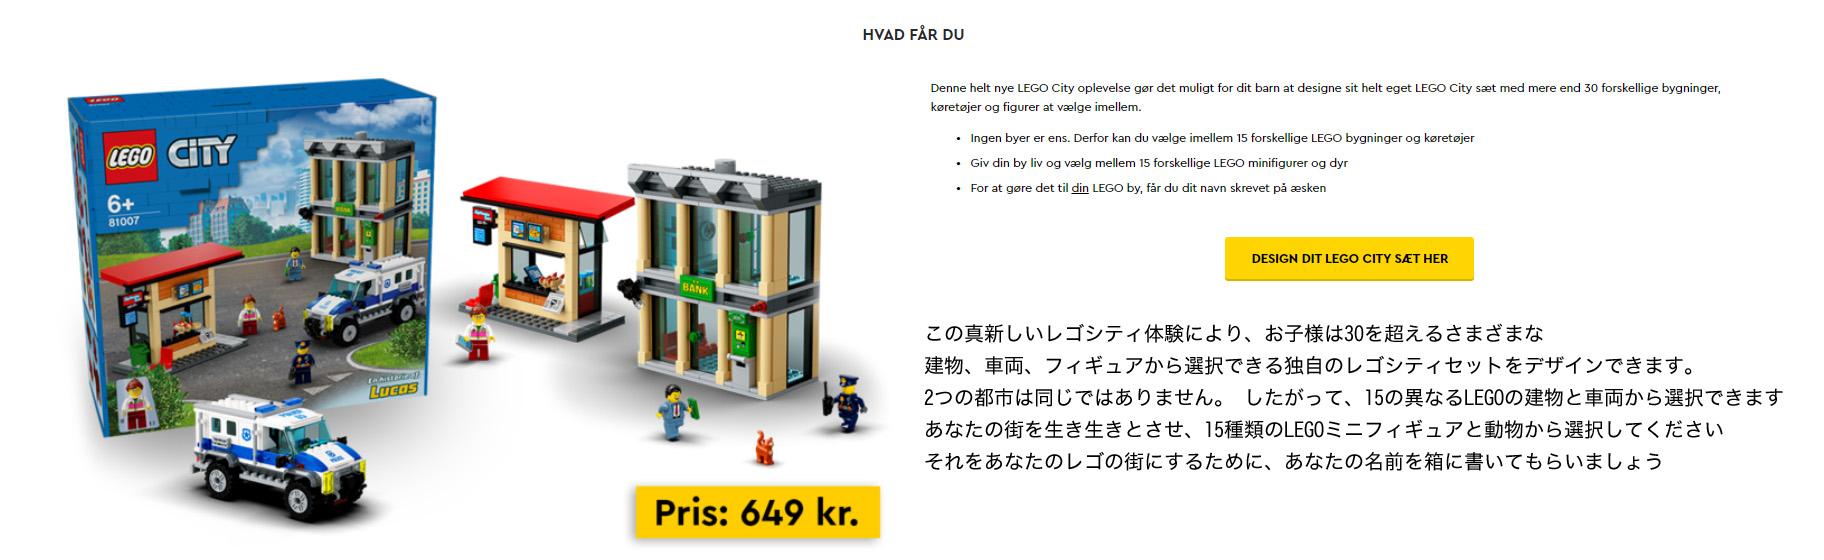 自分だけのレゴシティセットを作れる?レゴラボで試験プロジェクト運用中